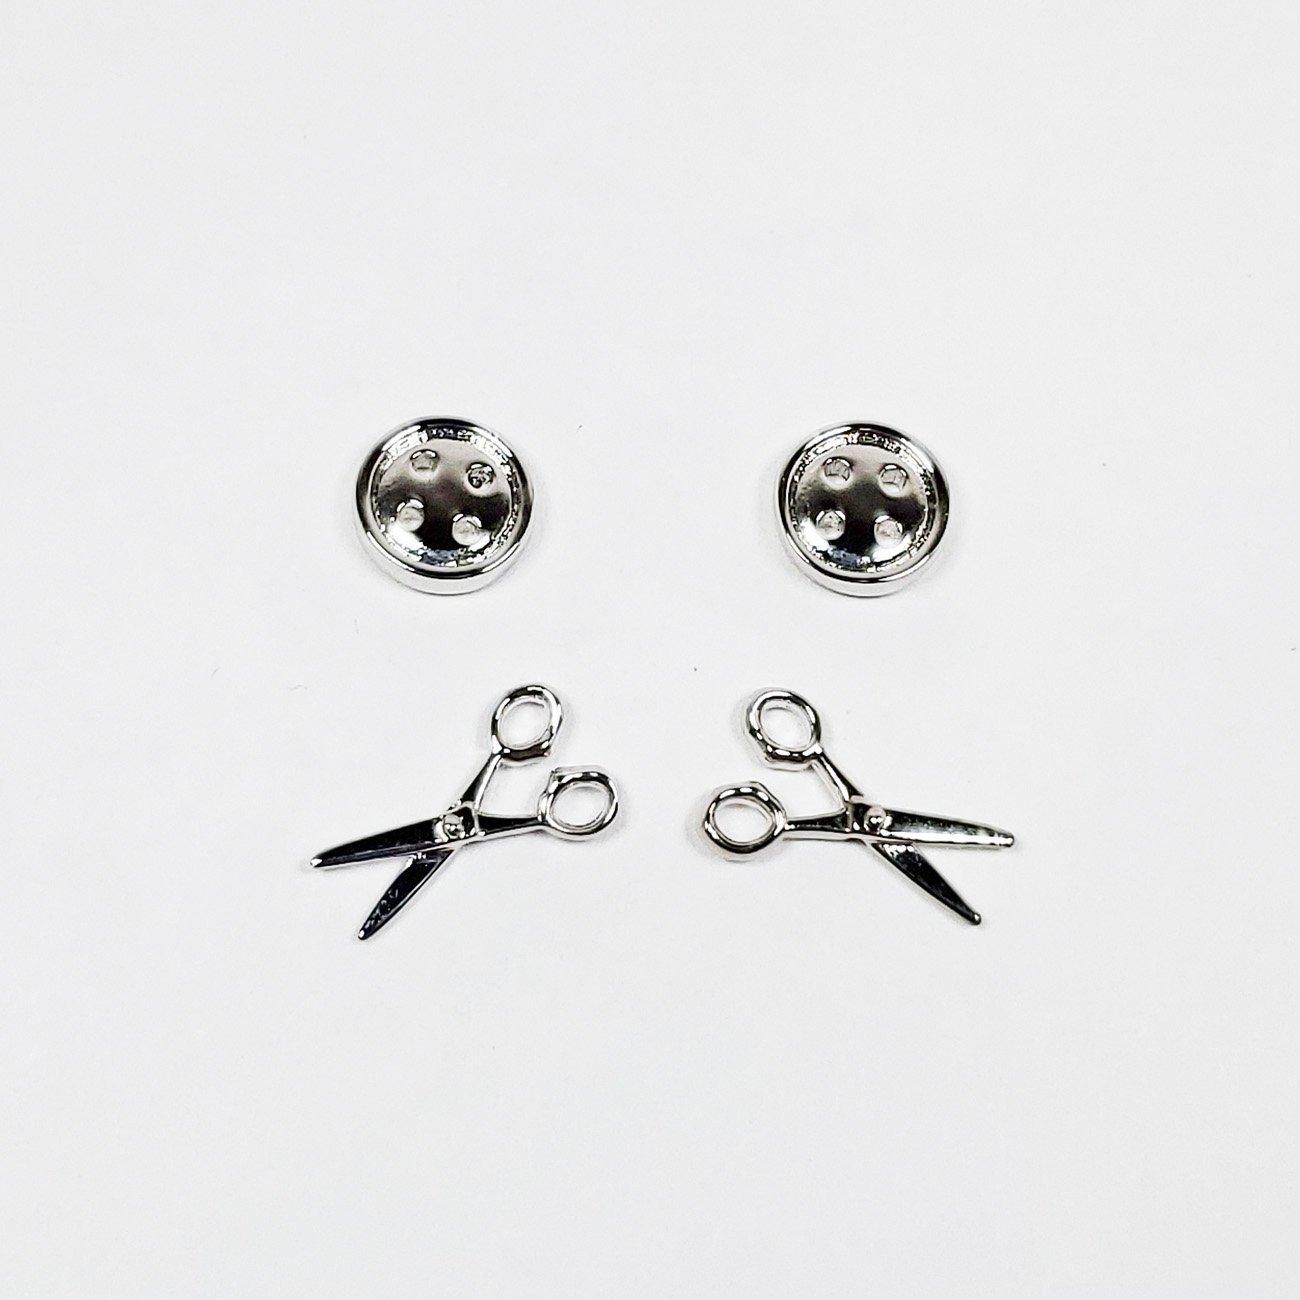 Button/Scissor Earrings - Silver